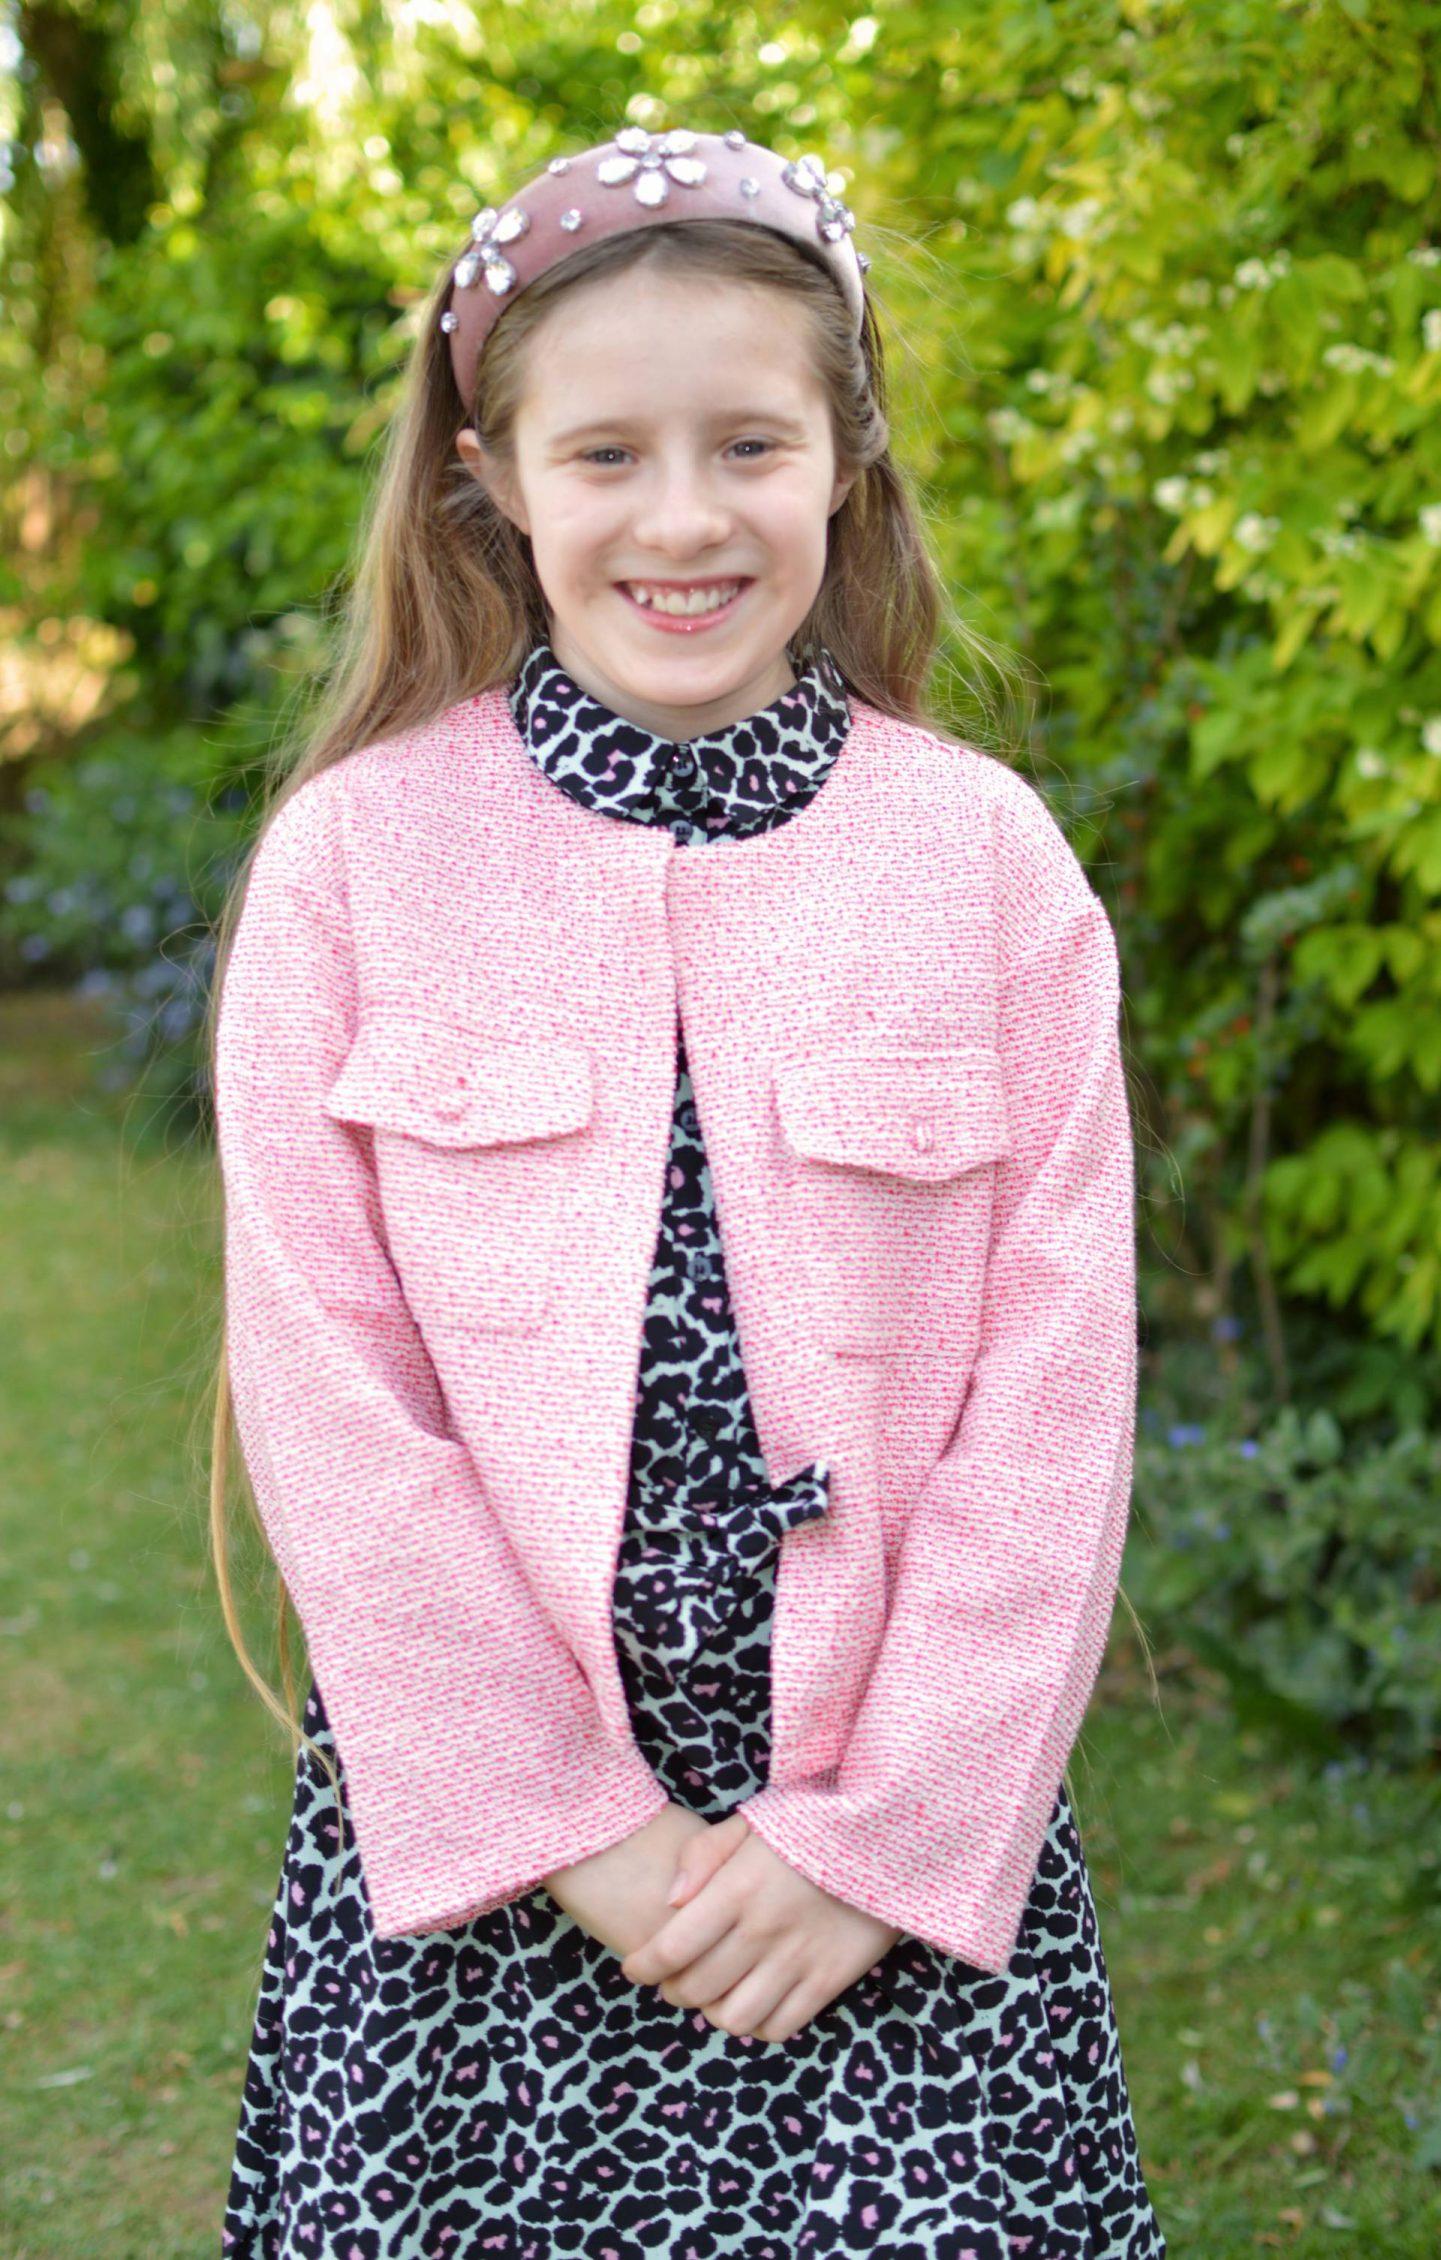 Mango girl's pink tweed jacket